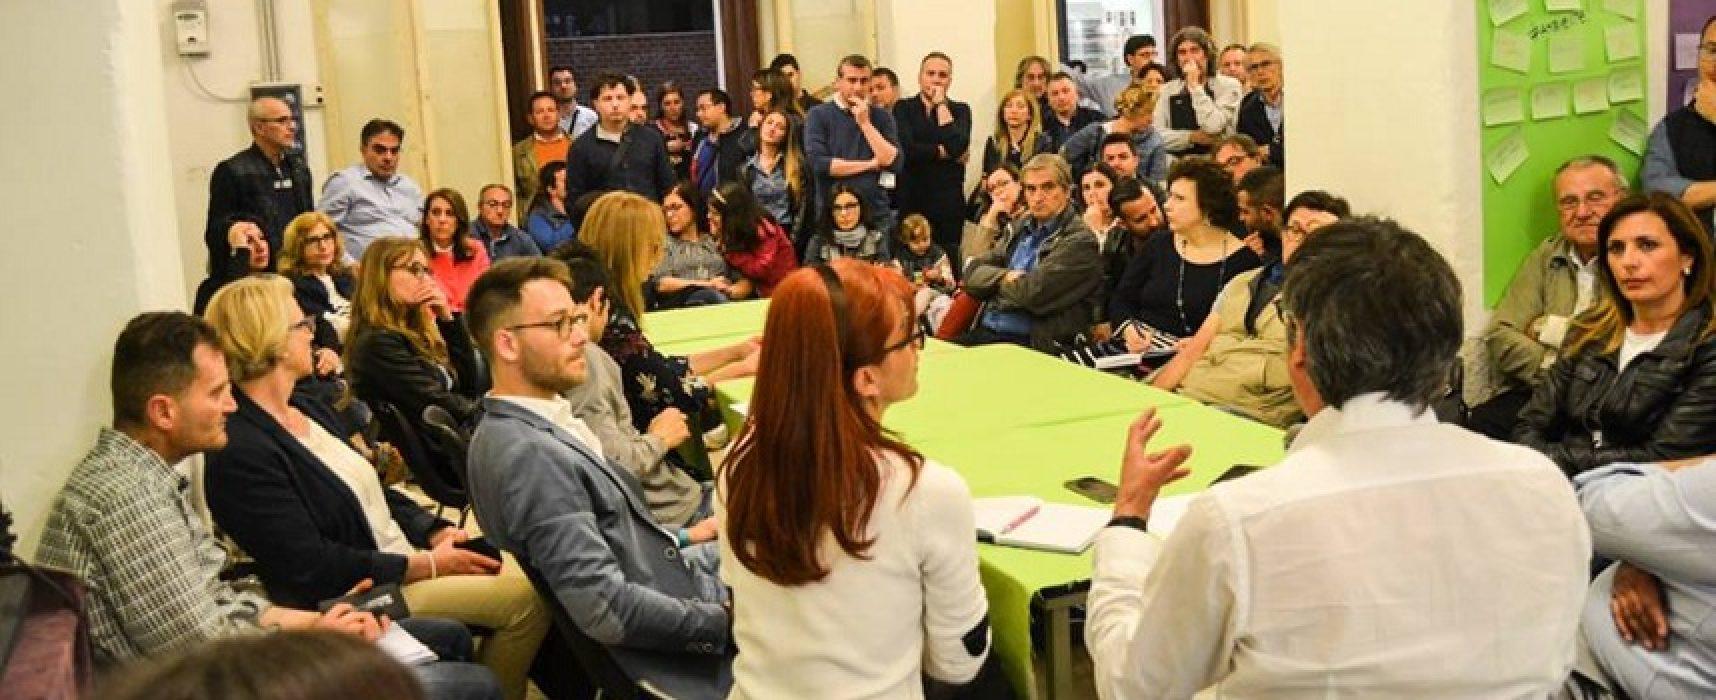 """""""Un passo alla svolta"""" discute di cultura, socialità e partecipazione al secondo tavolo programmatico"""